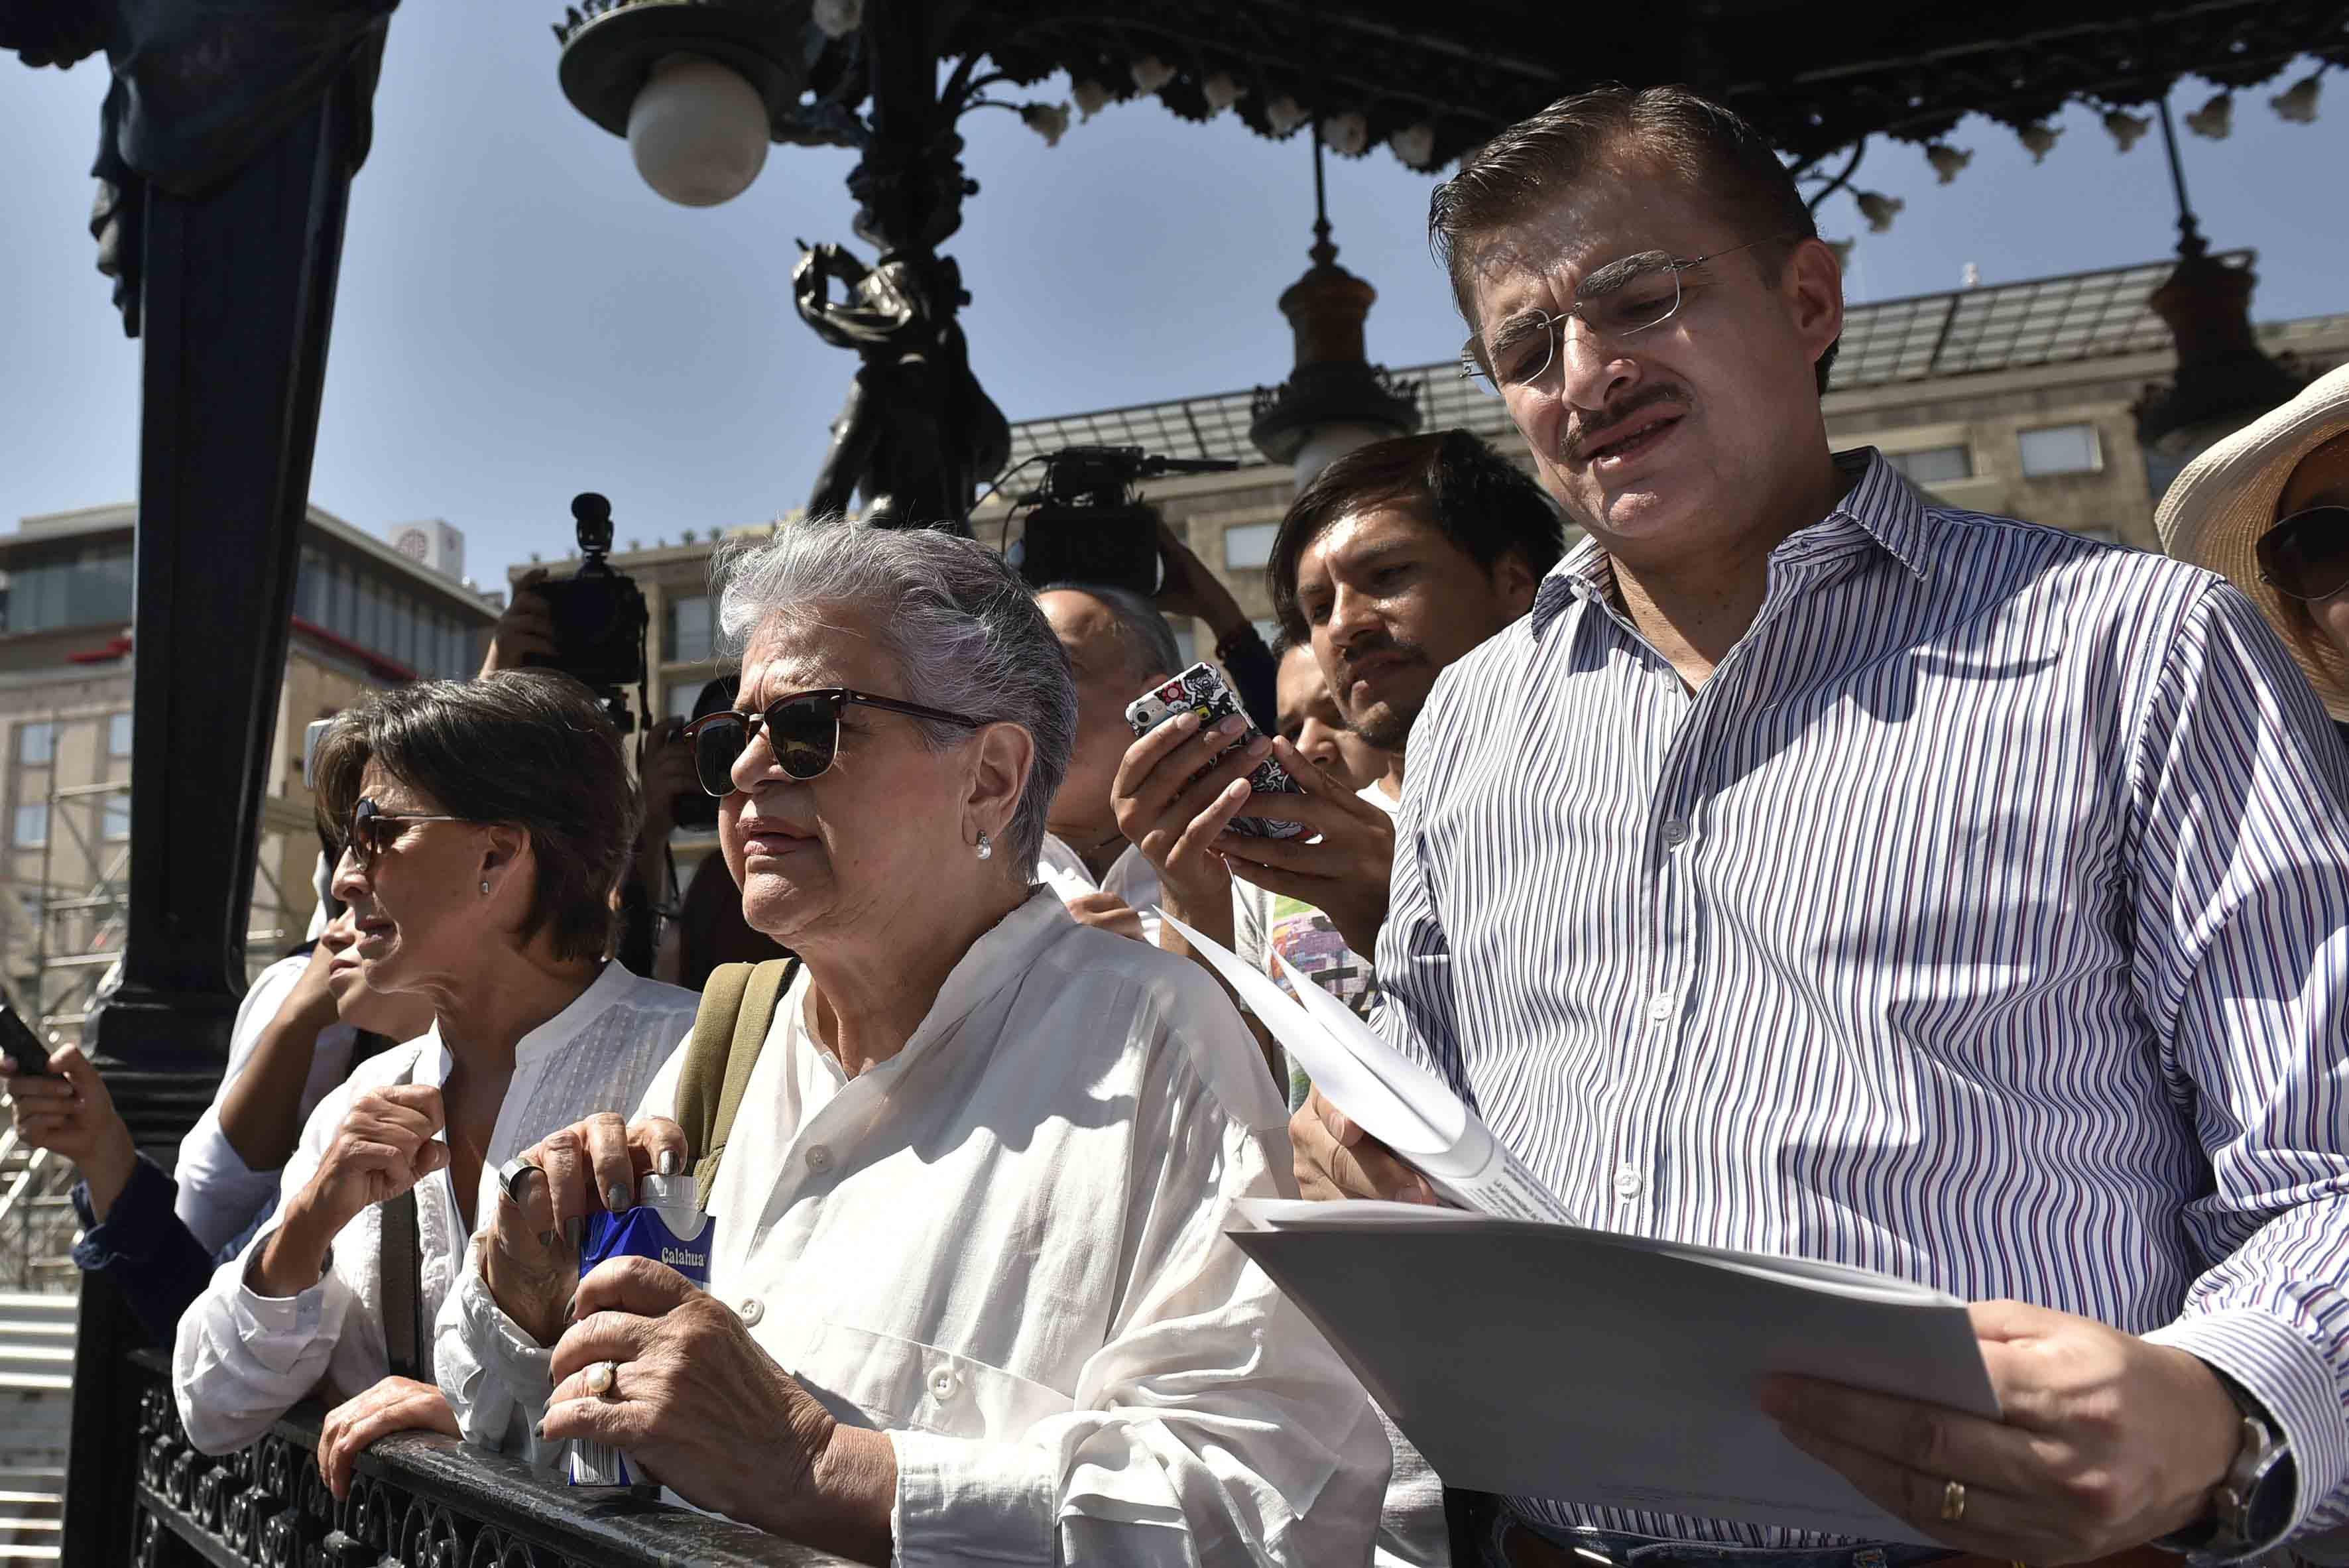 Rector General de la UdeG, maestro Itzcóatl Tonatiuh Bravo Padilla. participando en la marcha contra de los embates a México orquestados por el nuevo presidente de Estados Unidos, Donald Trump,